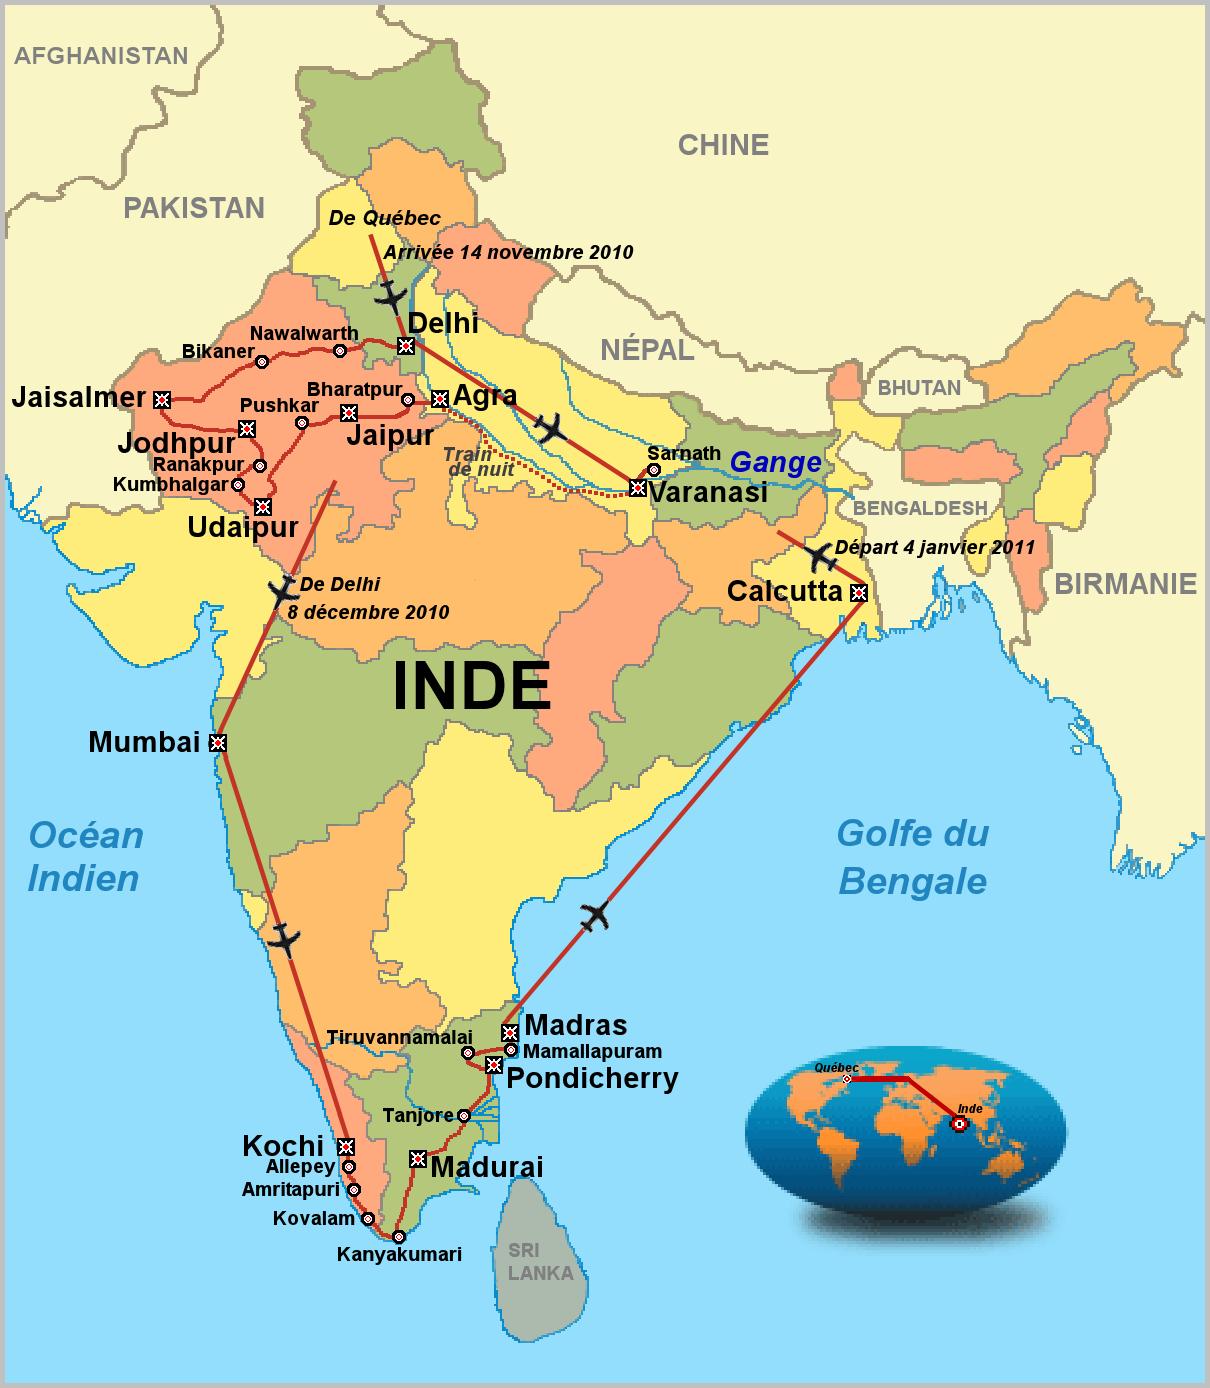 Partez à la découverte de l'Inde du Nord et du Népal avec le voyage Explorateur. Explorateur Voyages vous propose ce voyage en petit groupe pour découvrir les joyaux de Rajasthan, la ville de Bénarès sur les rives du Gange ou Jaïsalmer aux portes du désert de Thar. Voyage en groupe, encadré par un guide.